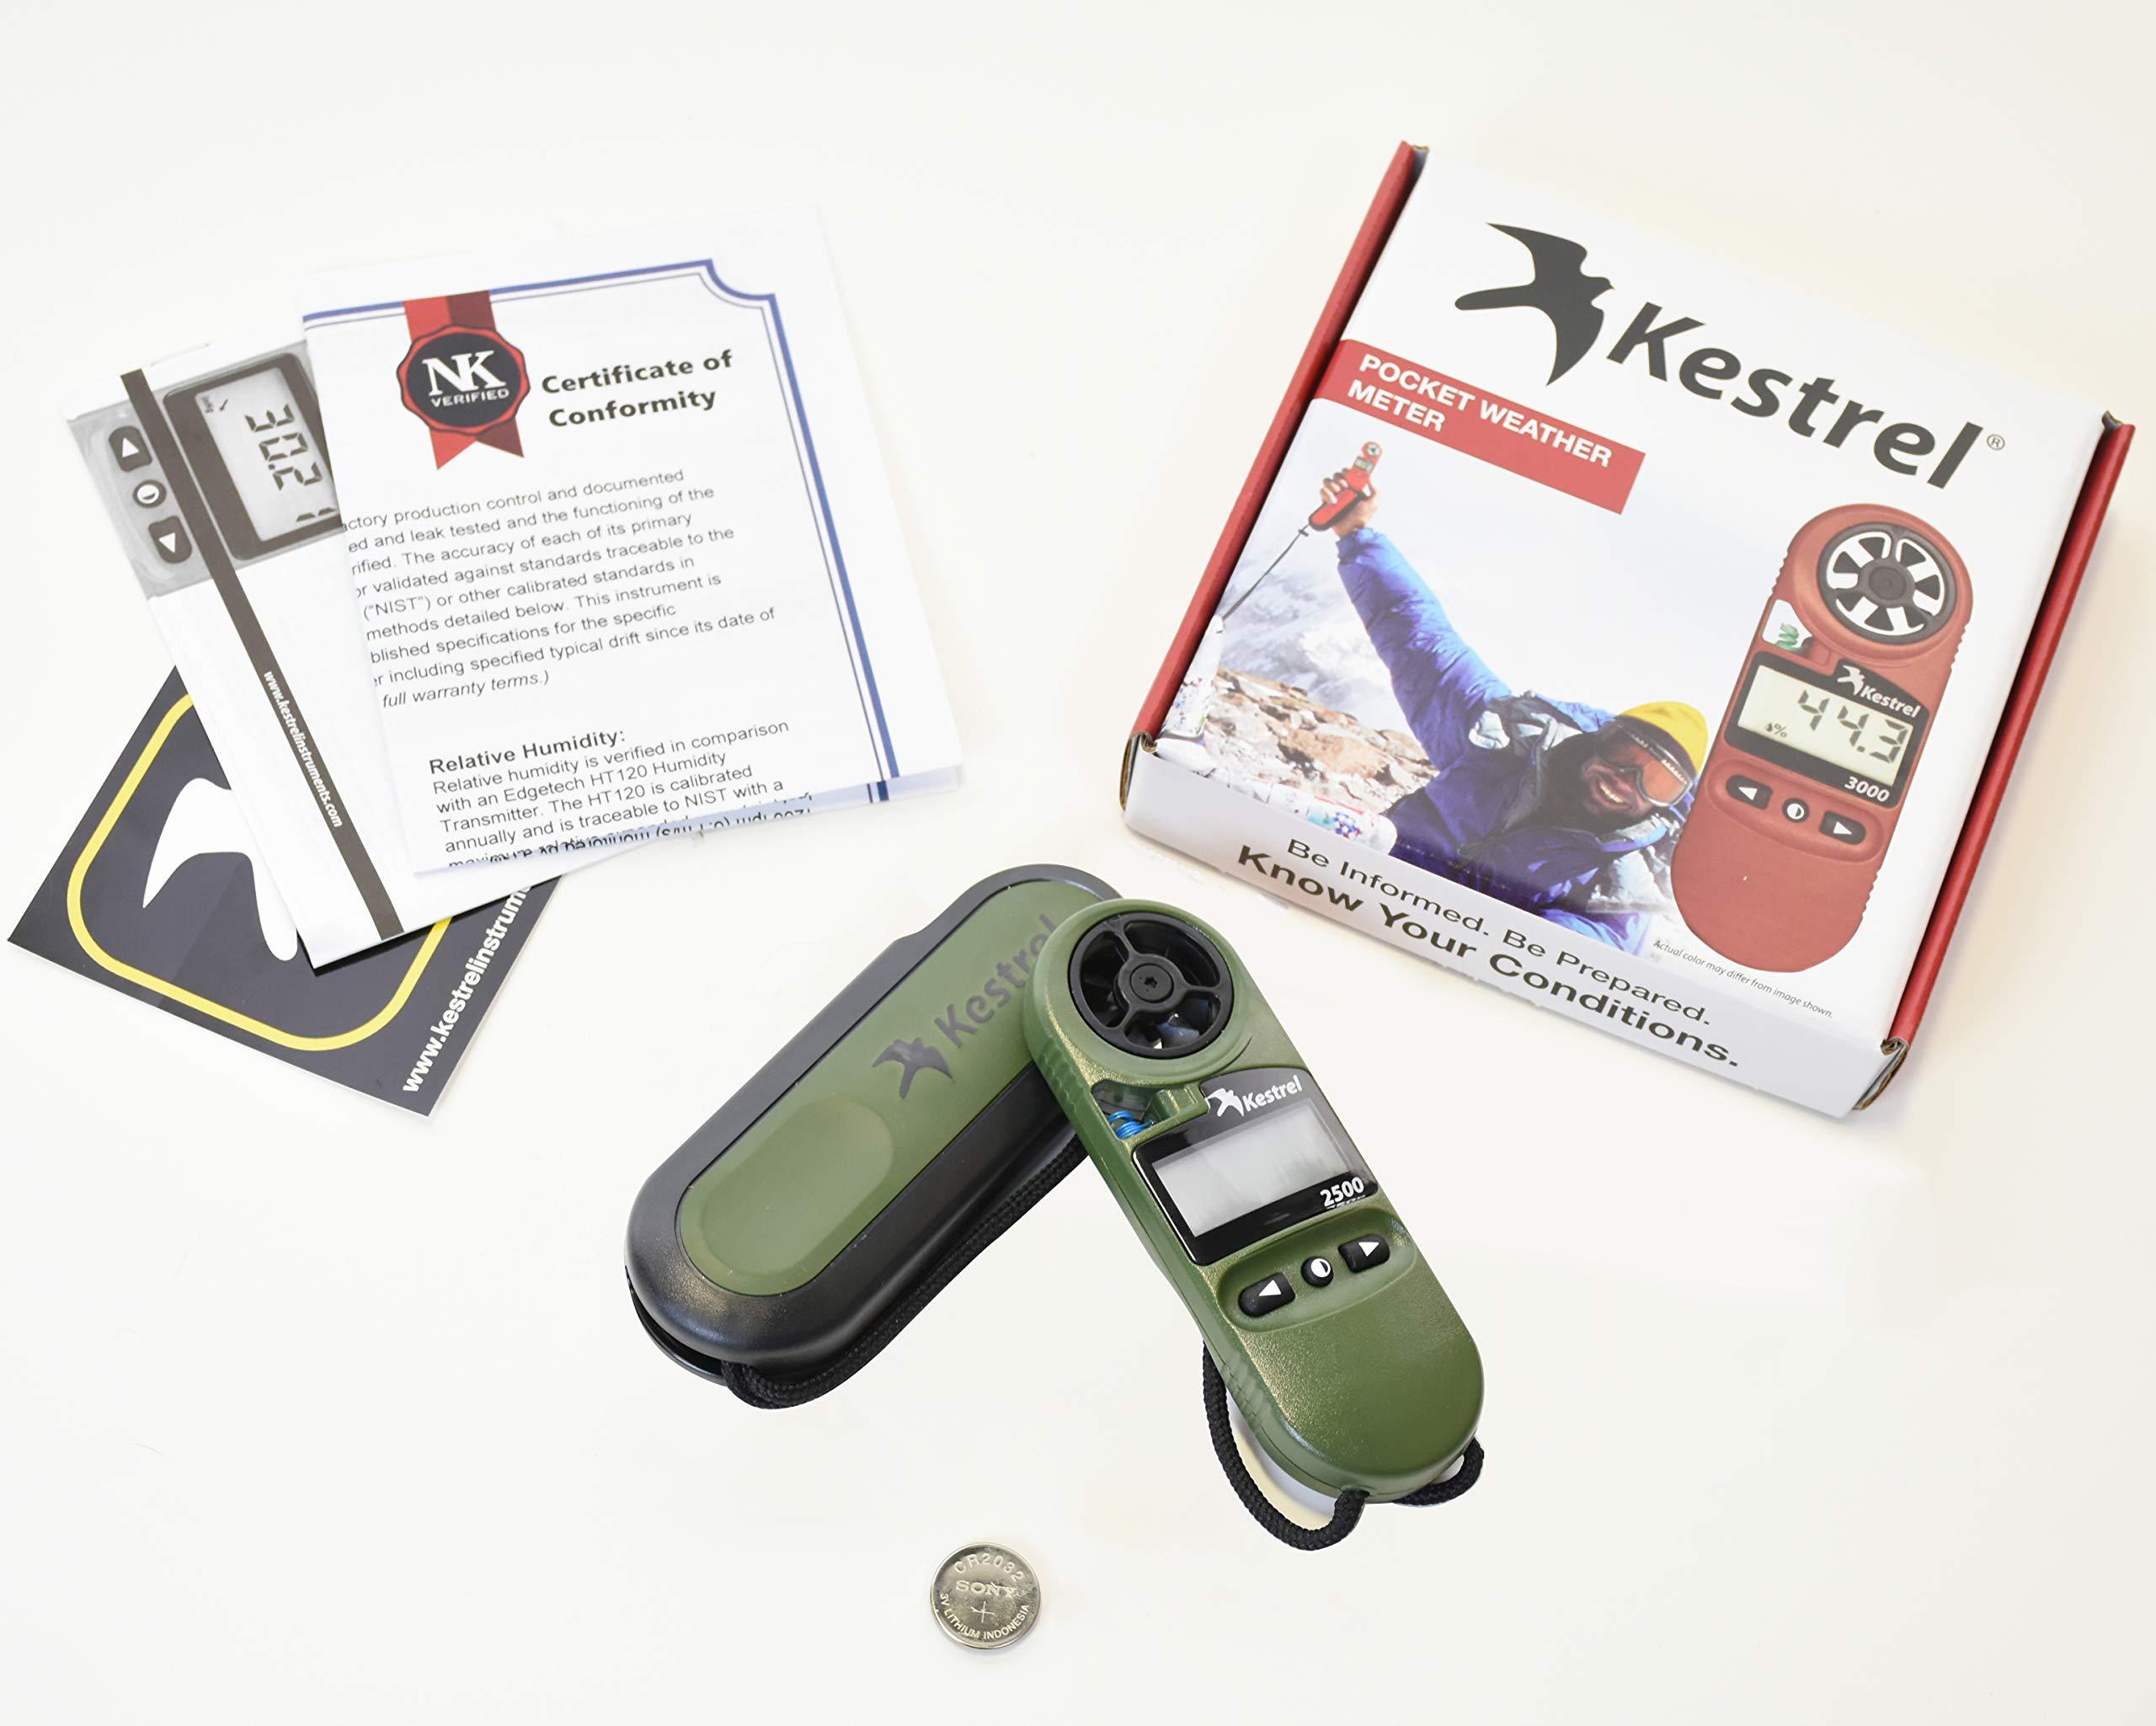 Kestrel 2500NV Pocket Weather Meter by Kestrel (Image #6)